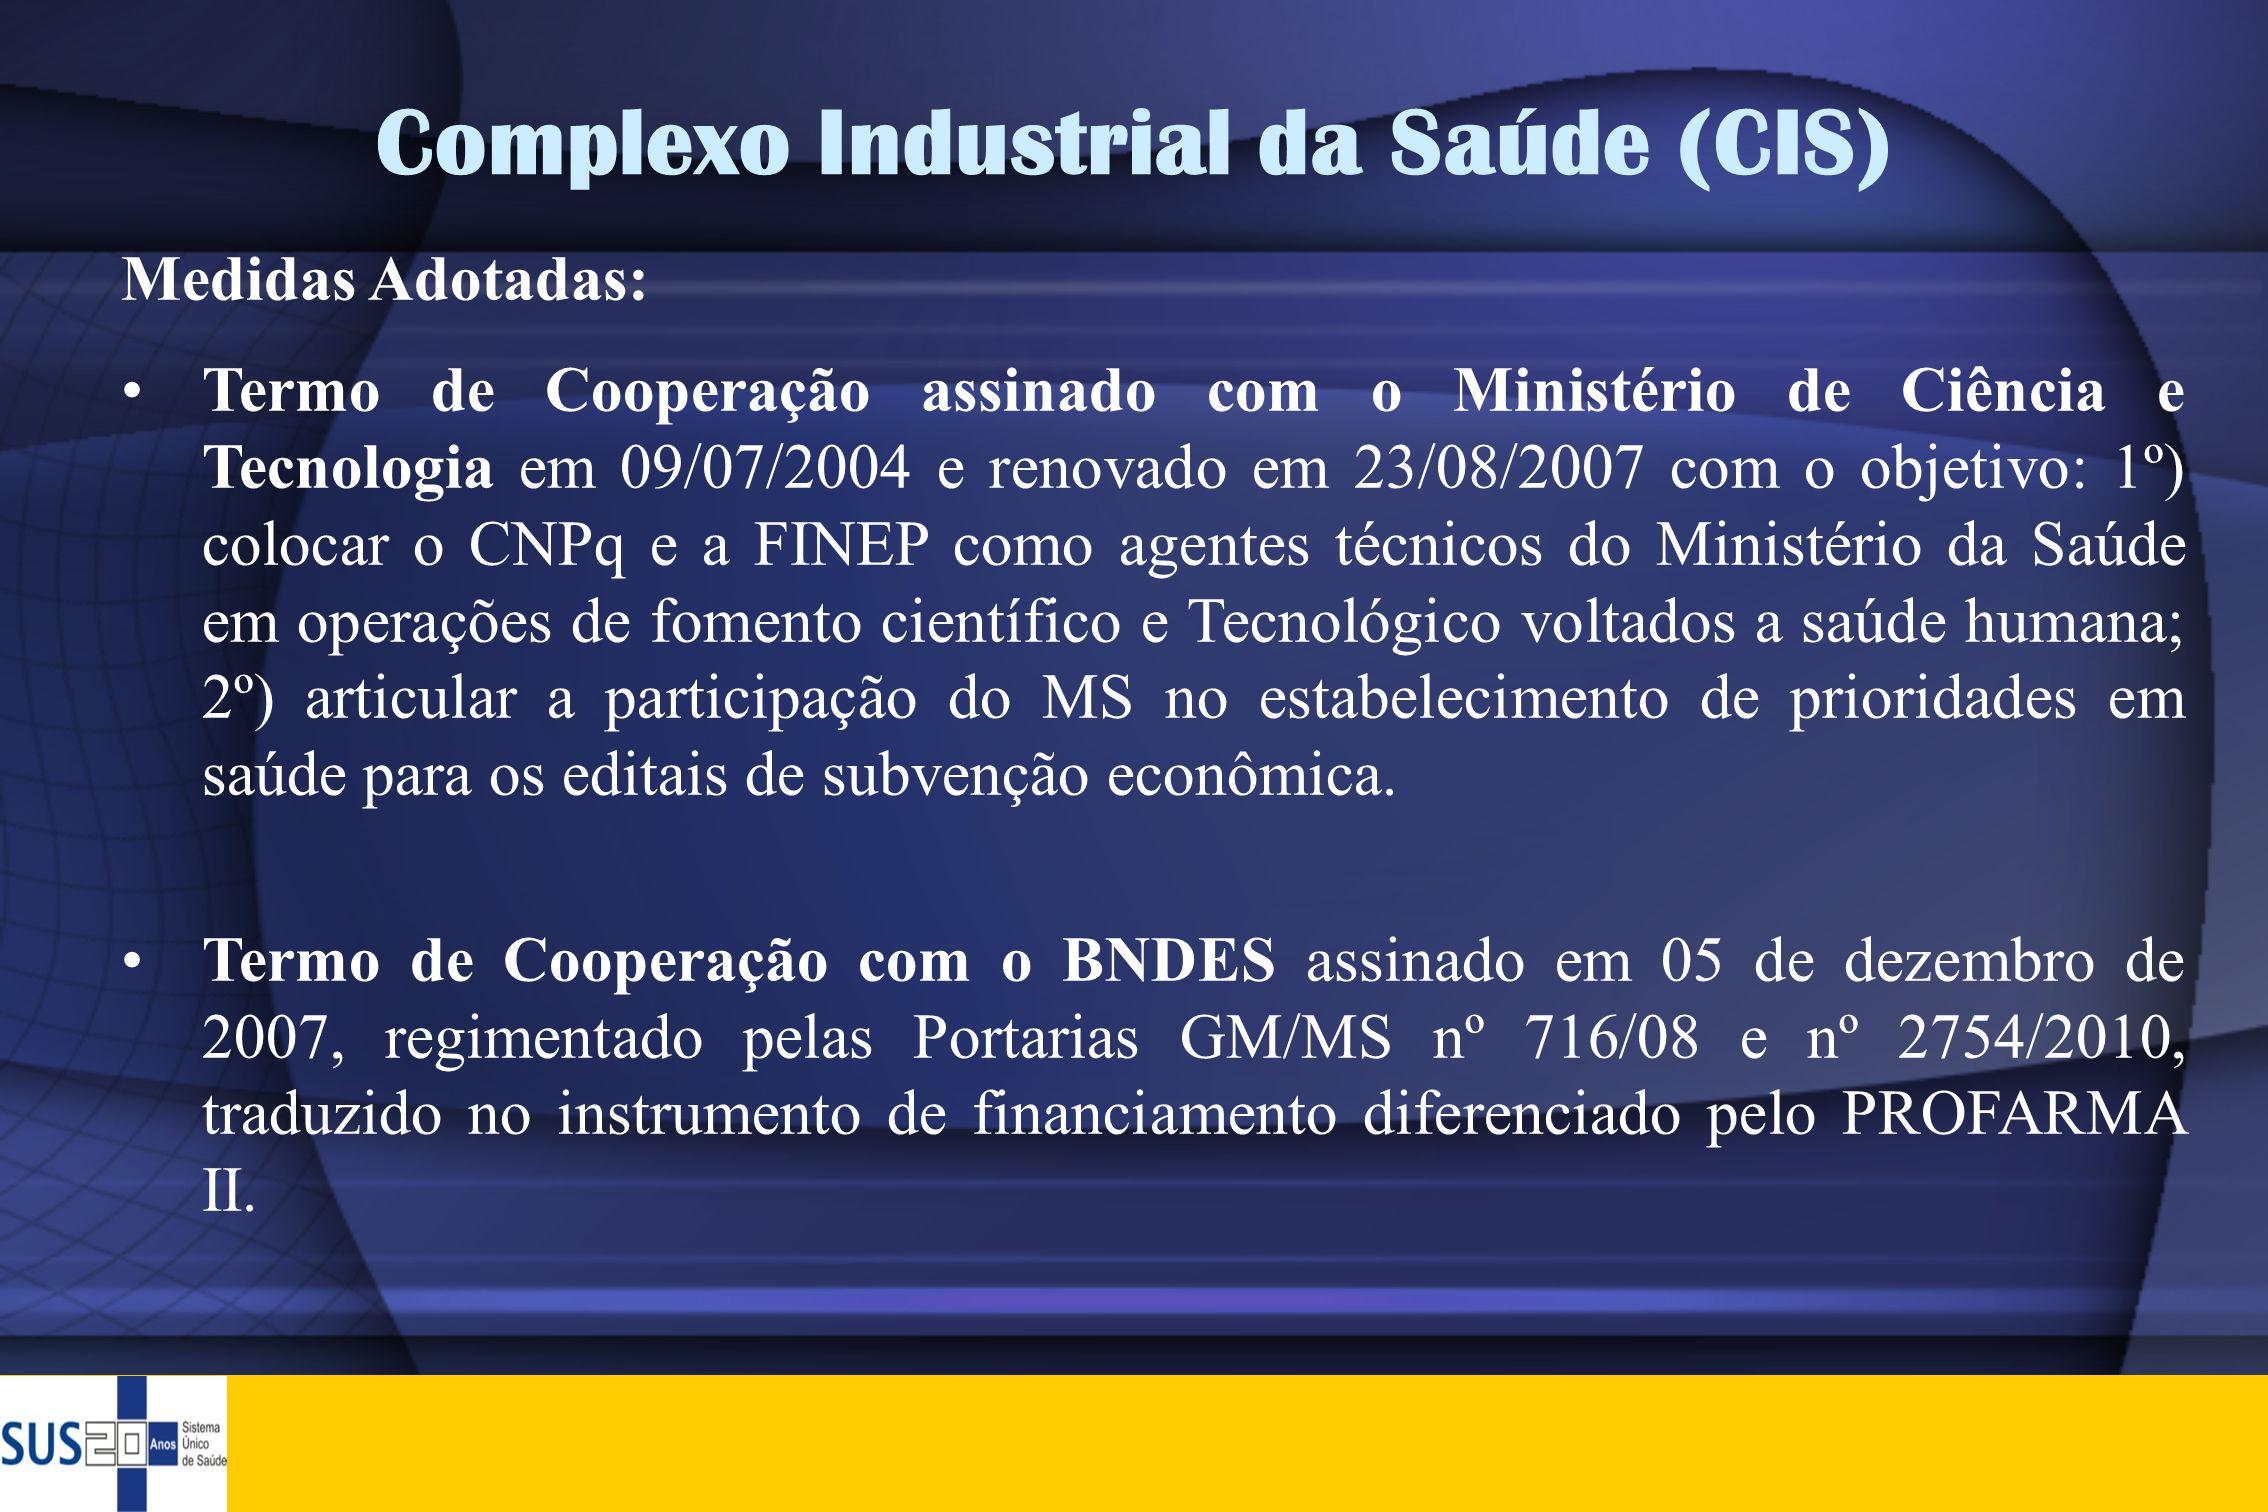 Complexo Industrial da Saúde (CIS)